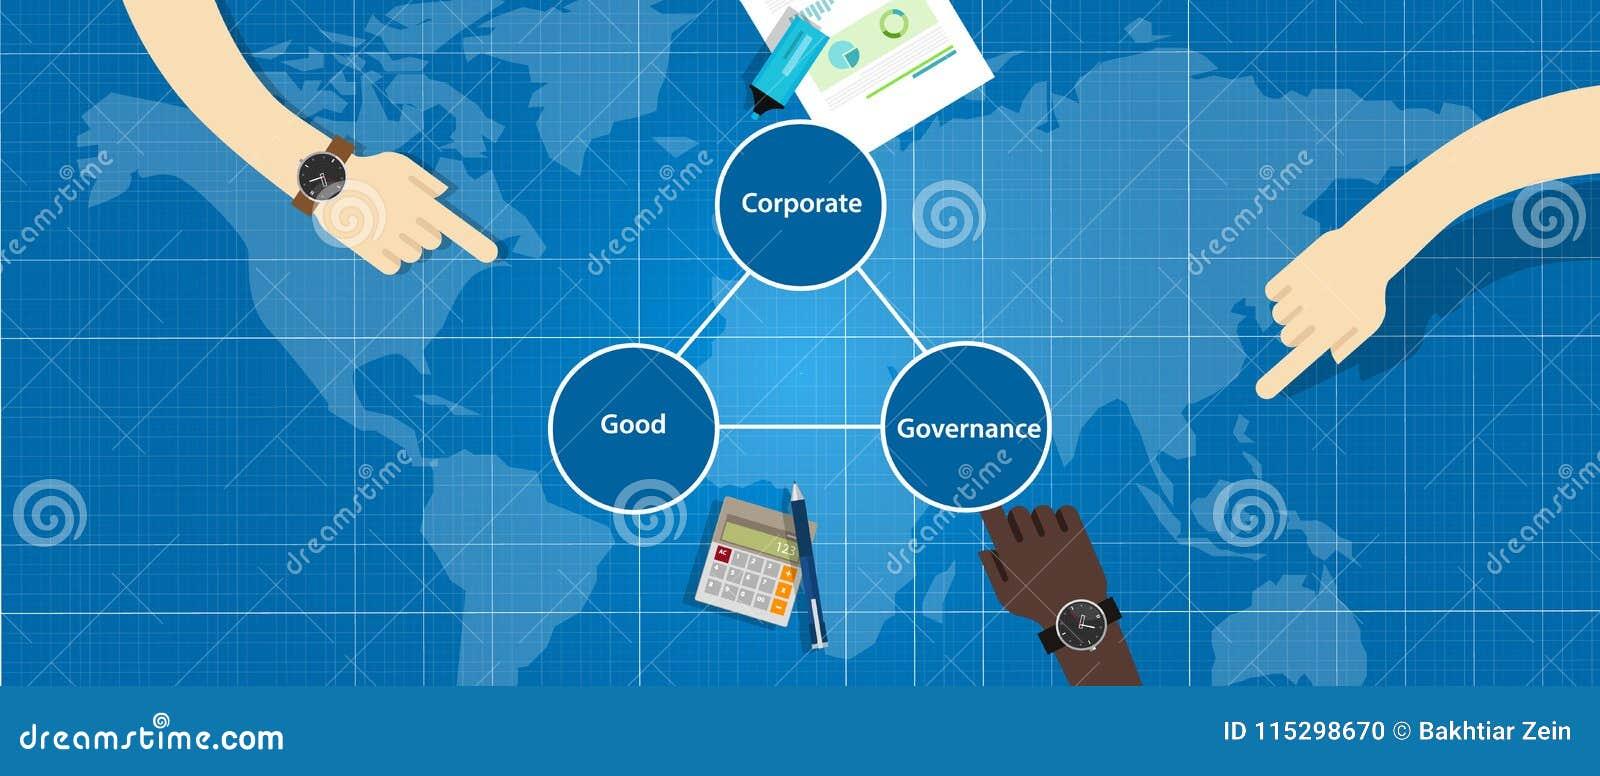 Bra bolagsstyrningbegrepp genomskinligt ledningsymbol för ansvarig organisation med händer